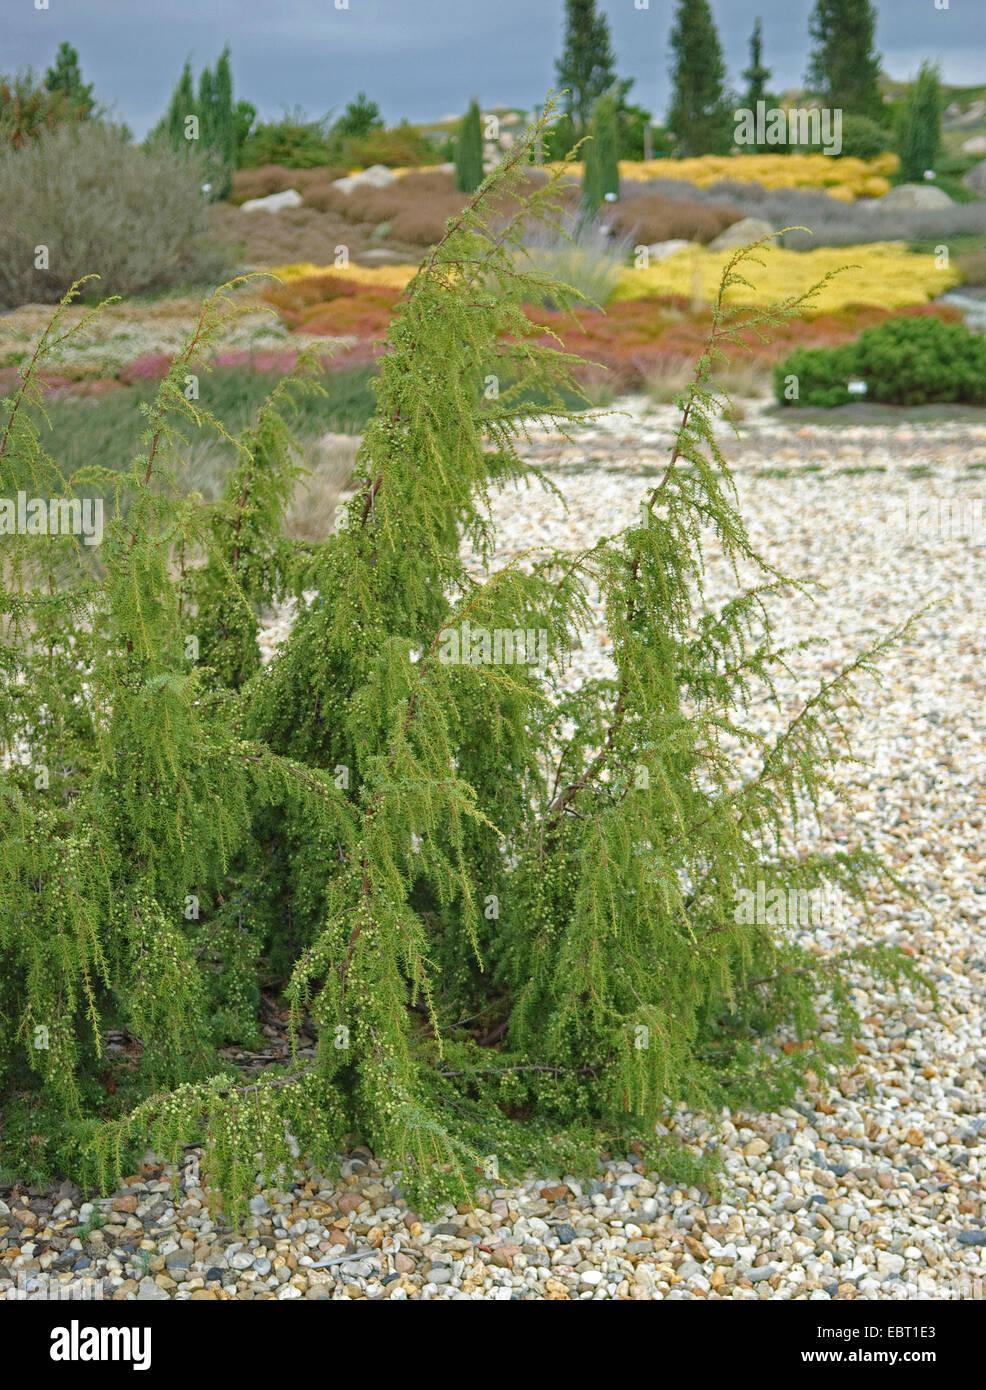 juniper (Juniperus communis 'Wilsede', Juniperus communis Wilsede), cultivar Wilsede - Stock Image